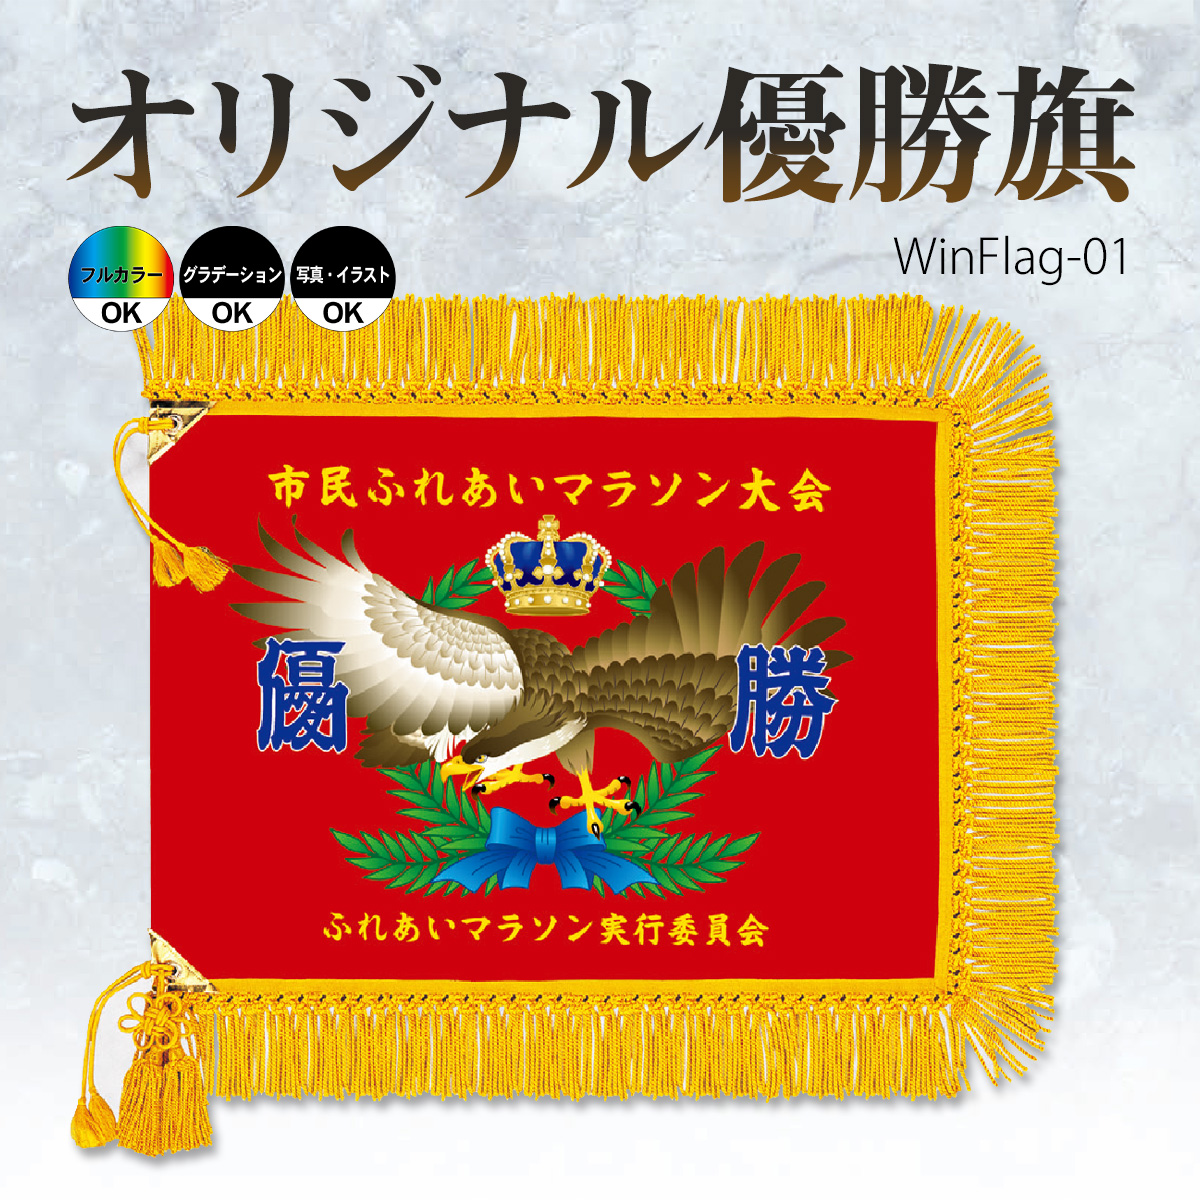 オリジナル優勝旗 WinFlag-01画像